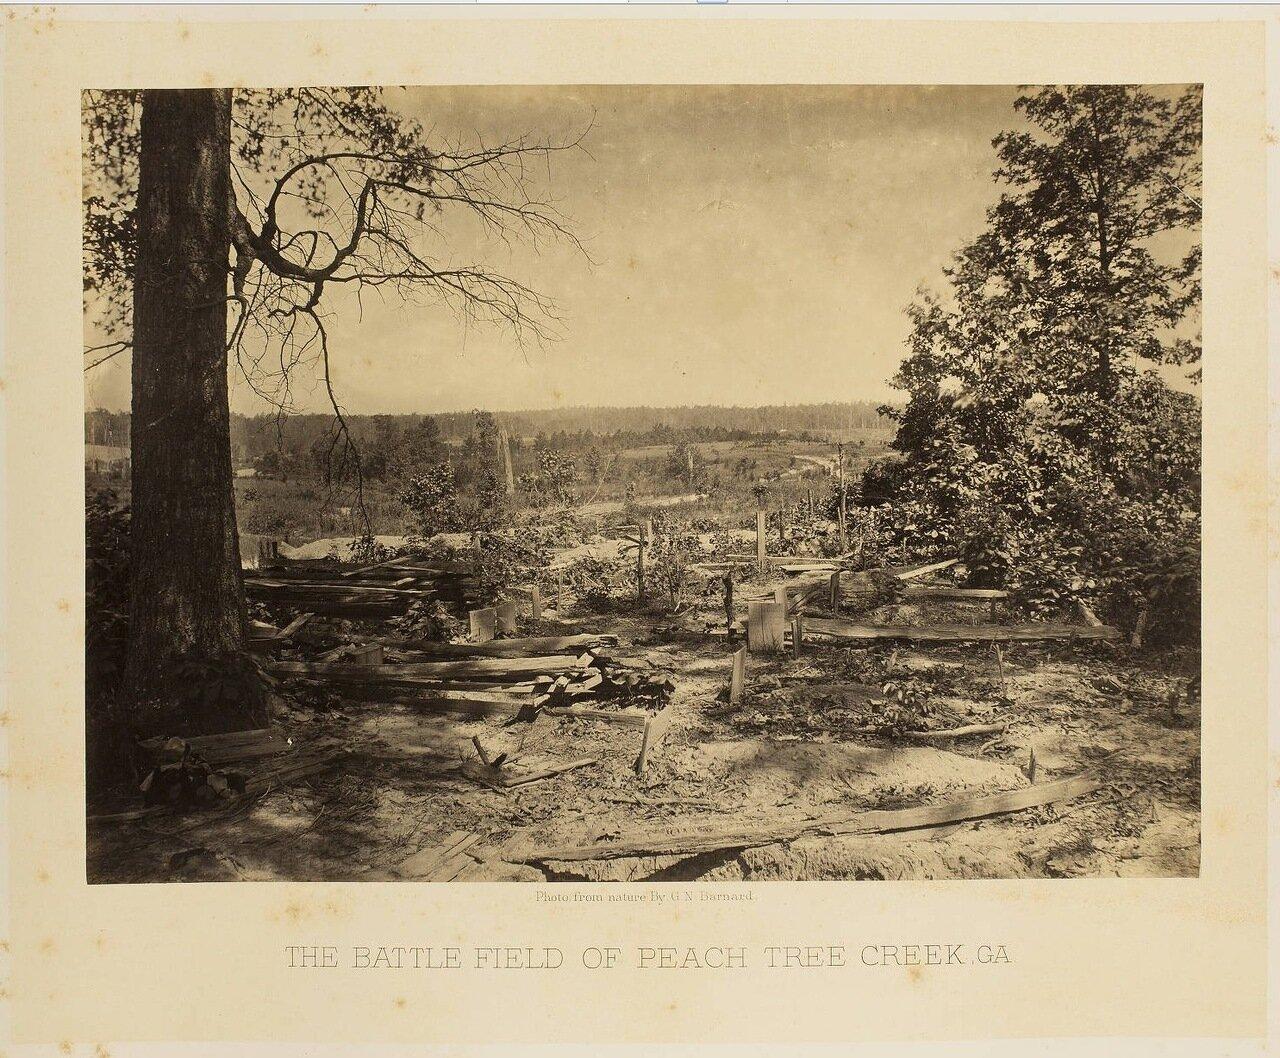 Поле битвы у Пичтри Крик. Джорджия